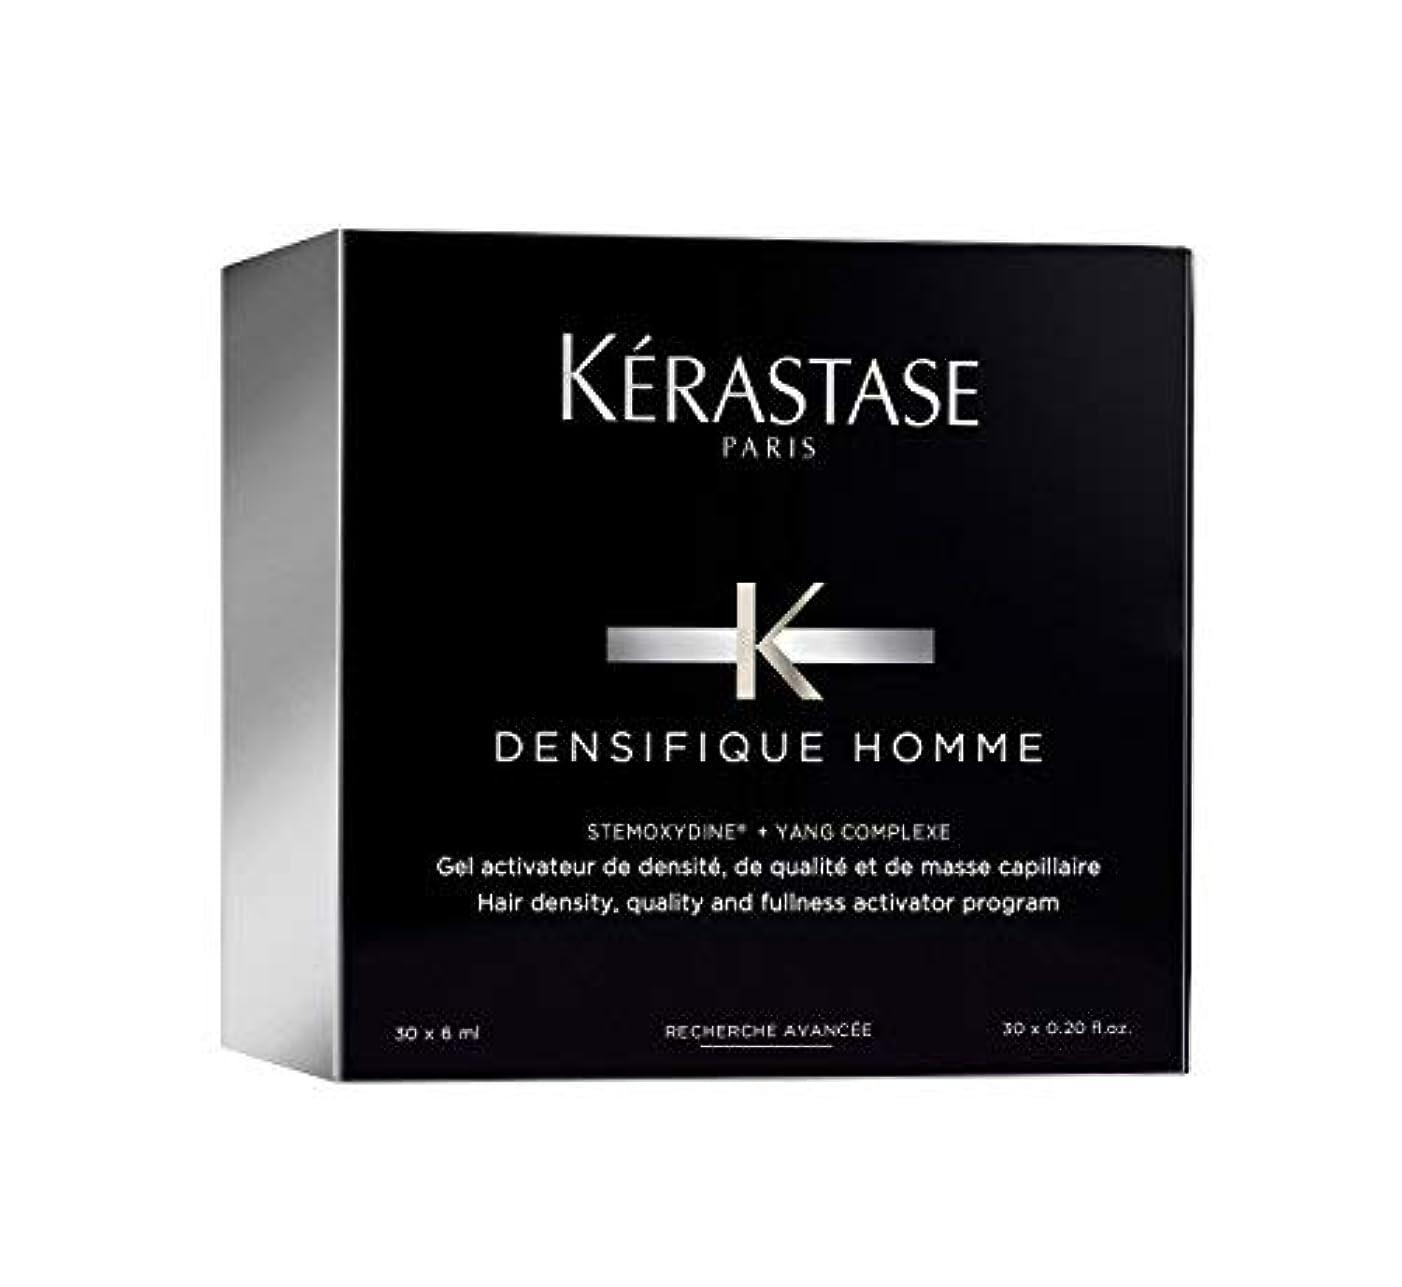 空中必須誕生ケラスターゼ Densifique Homme Hair Density and Fullness Programme 30x6ml